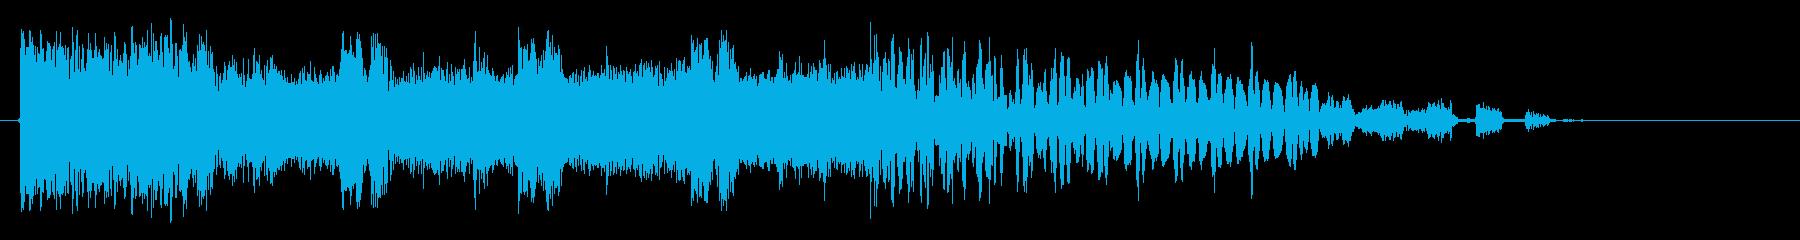 サイバーファンクの再生済みの波形